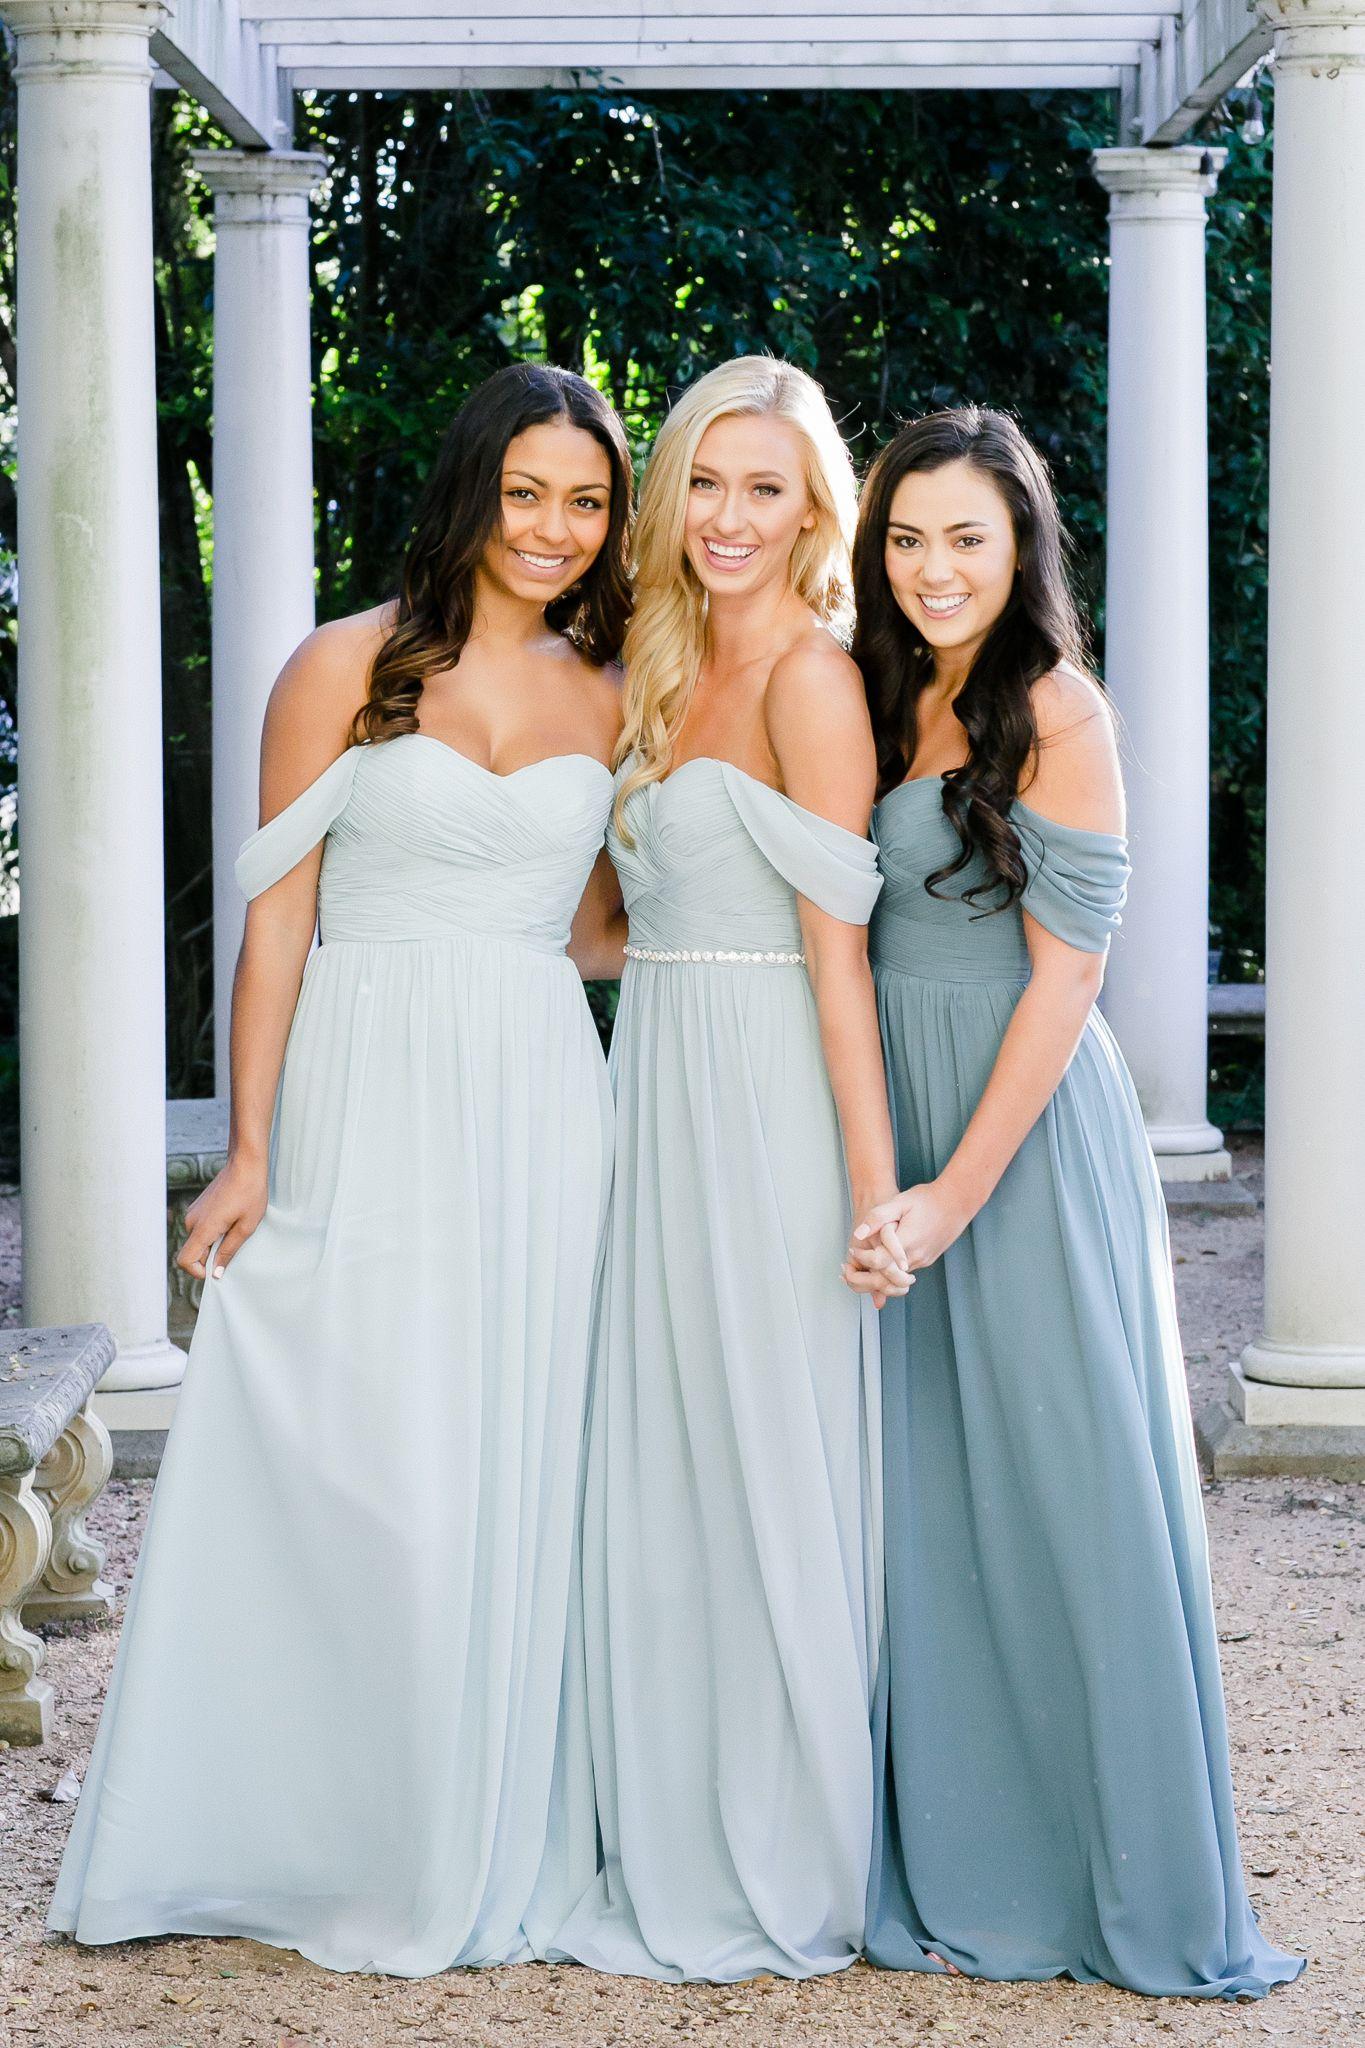 $185 Kennedy Chiffon Convertible Dress #bridesmaids